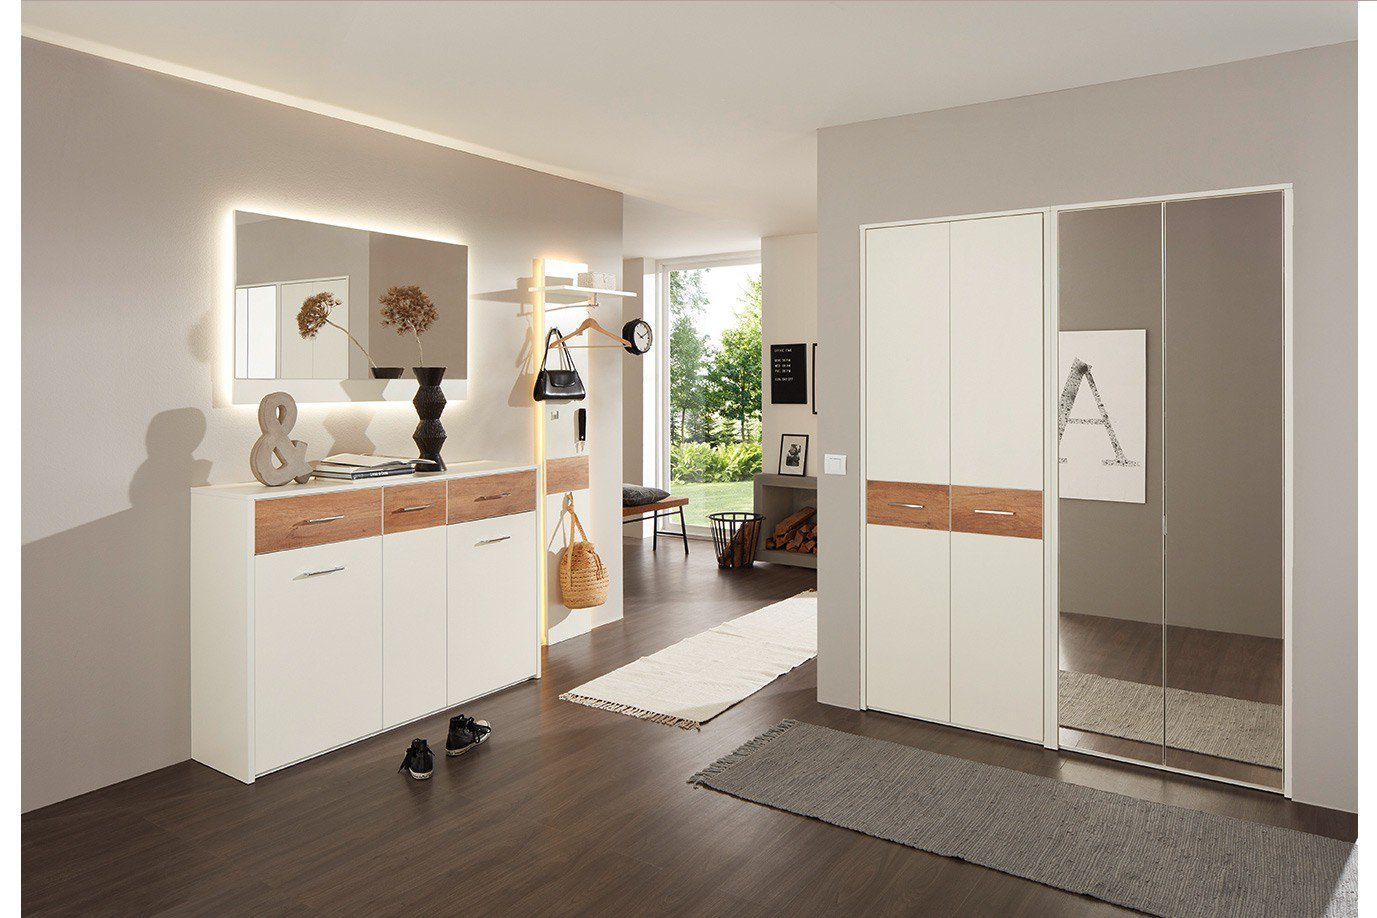 Garderobe Kiel Plus in Creme-weiß von Prenneis | Möbel Letz - Ihr ...